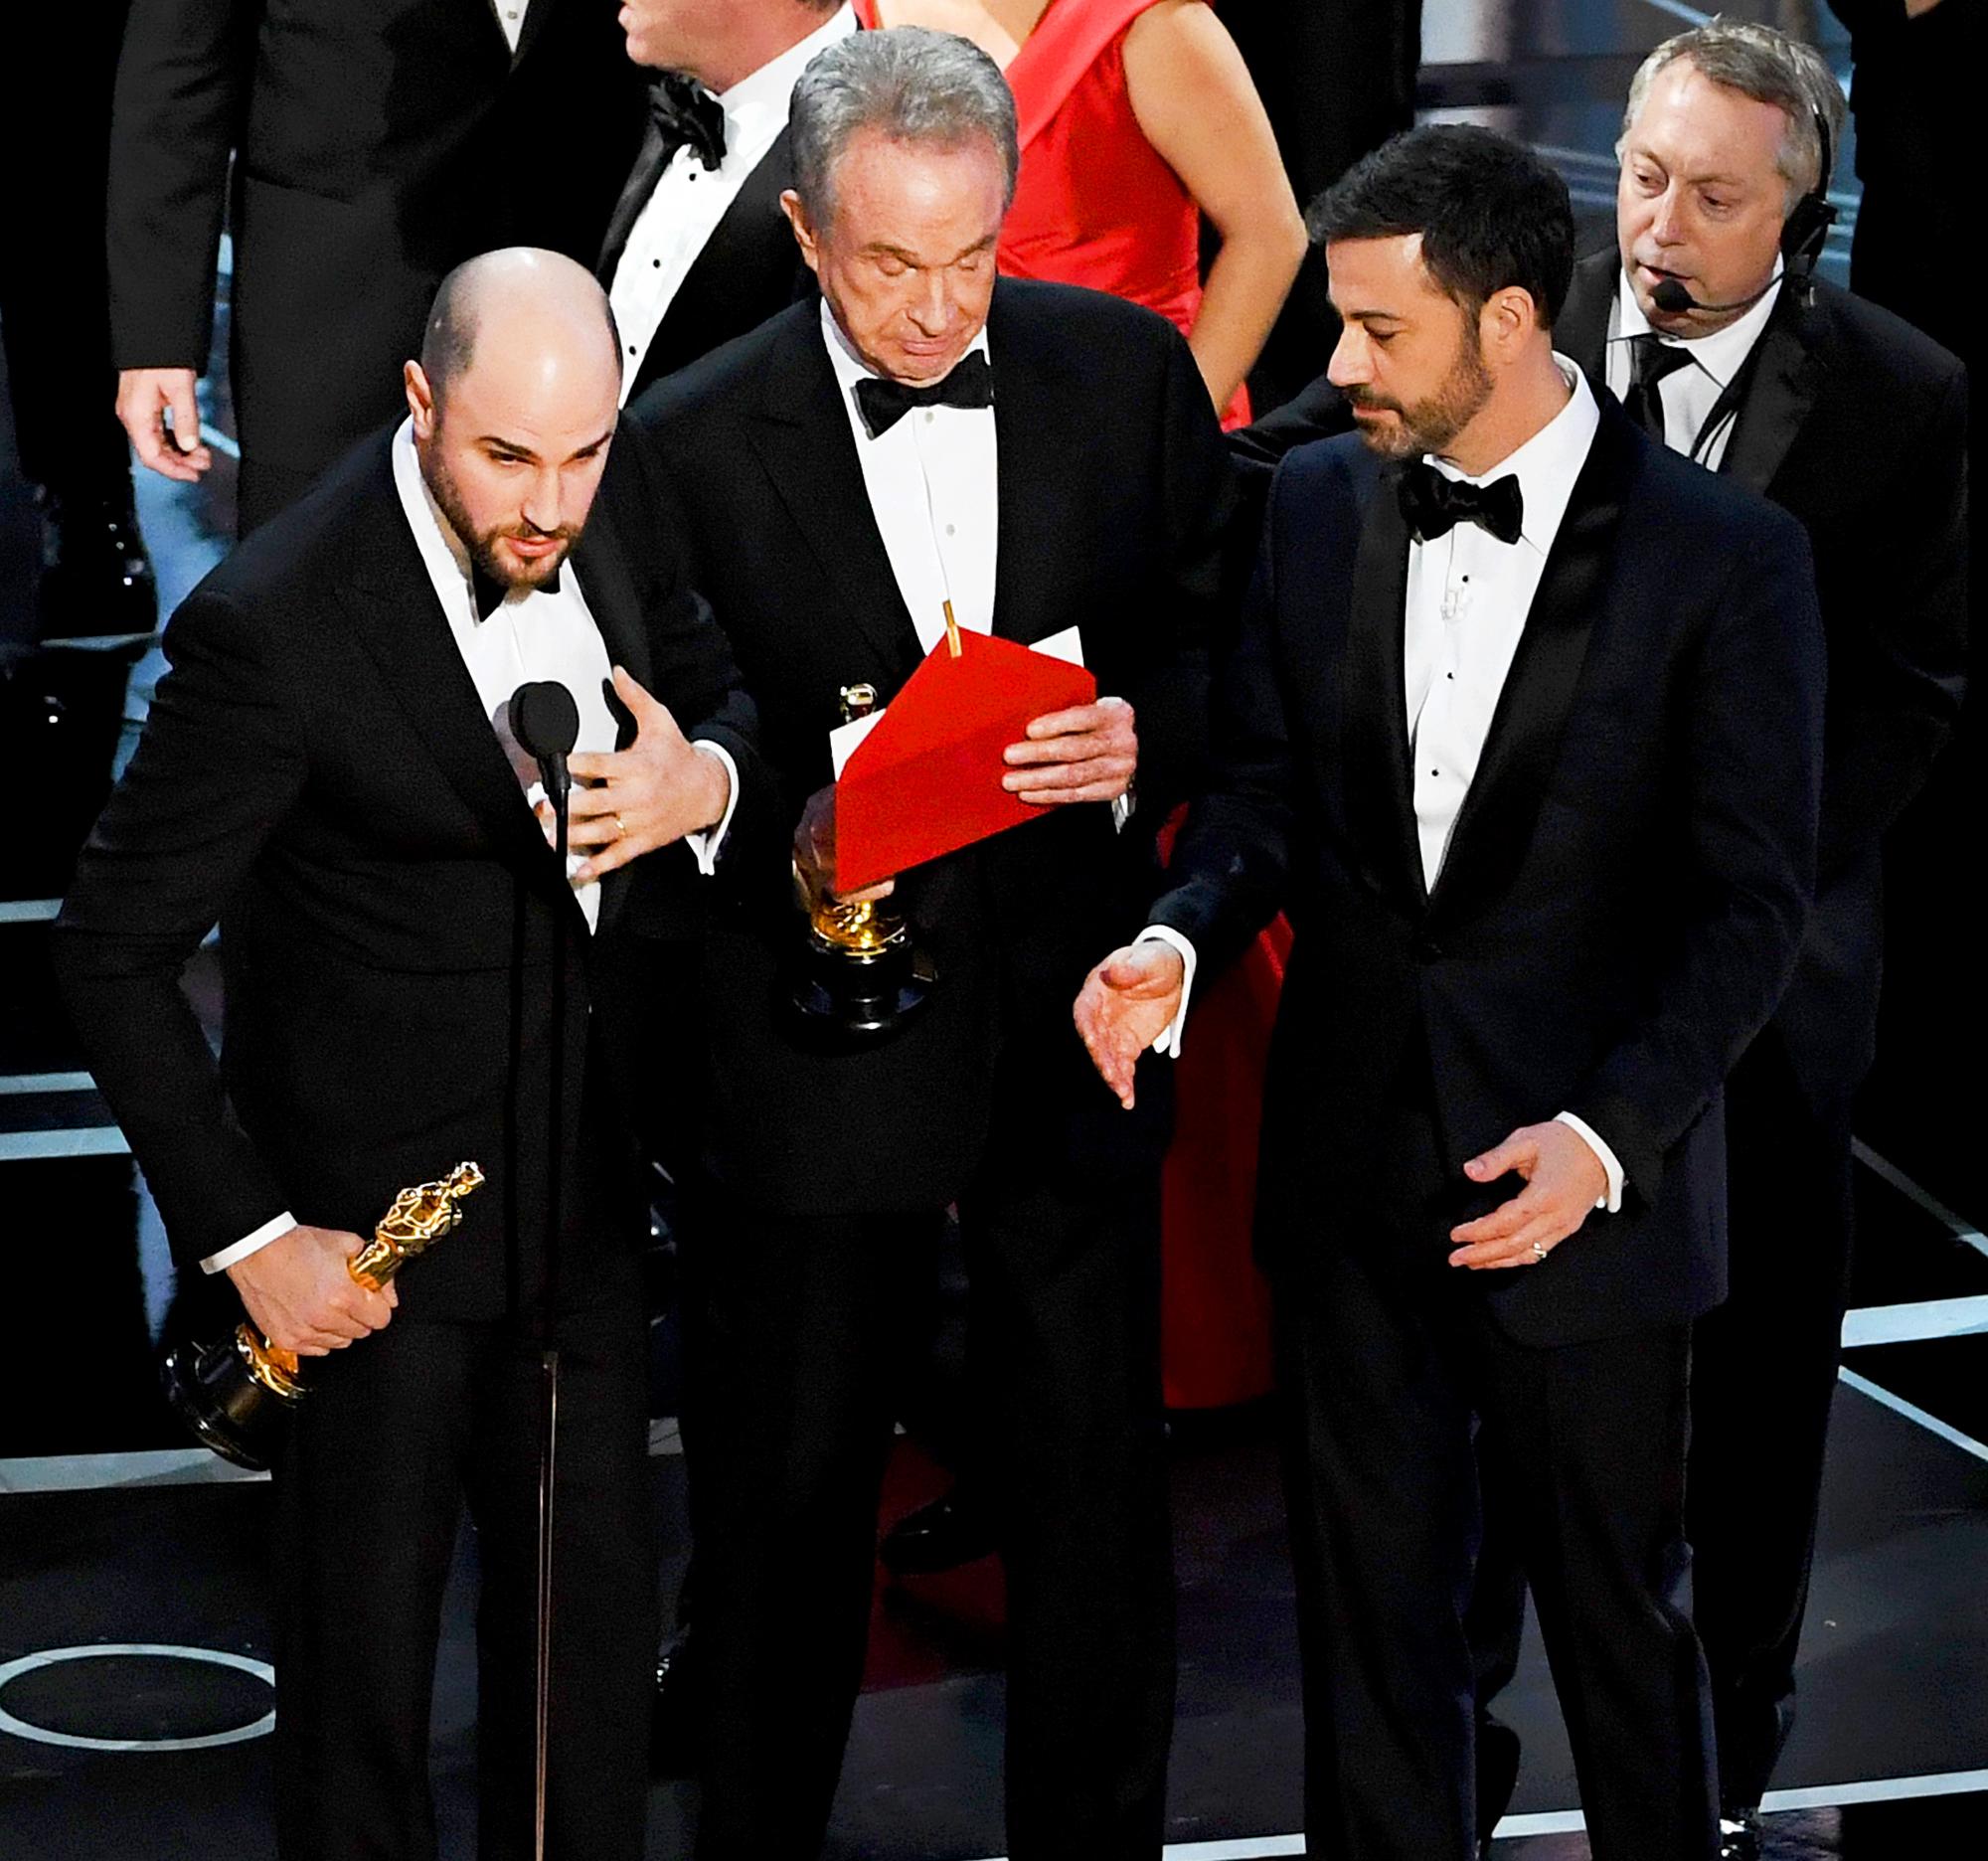 Jordan Horowitz, Warren Beatty and Jimmy Kimmel